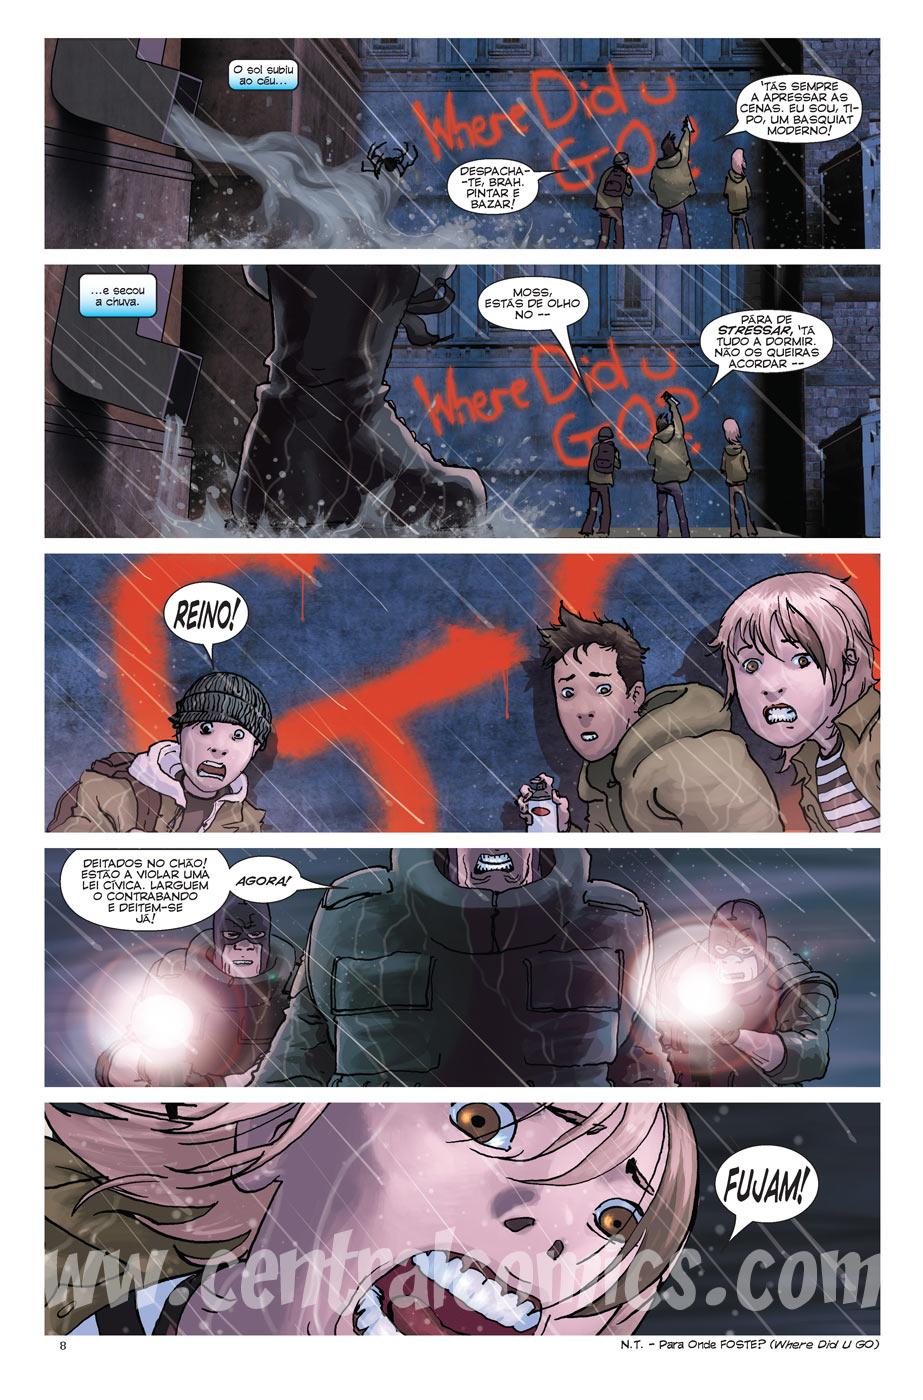 Homem-Aranha Reino Page 02